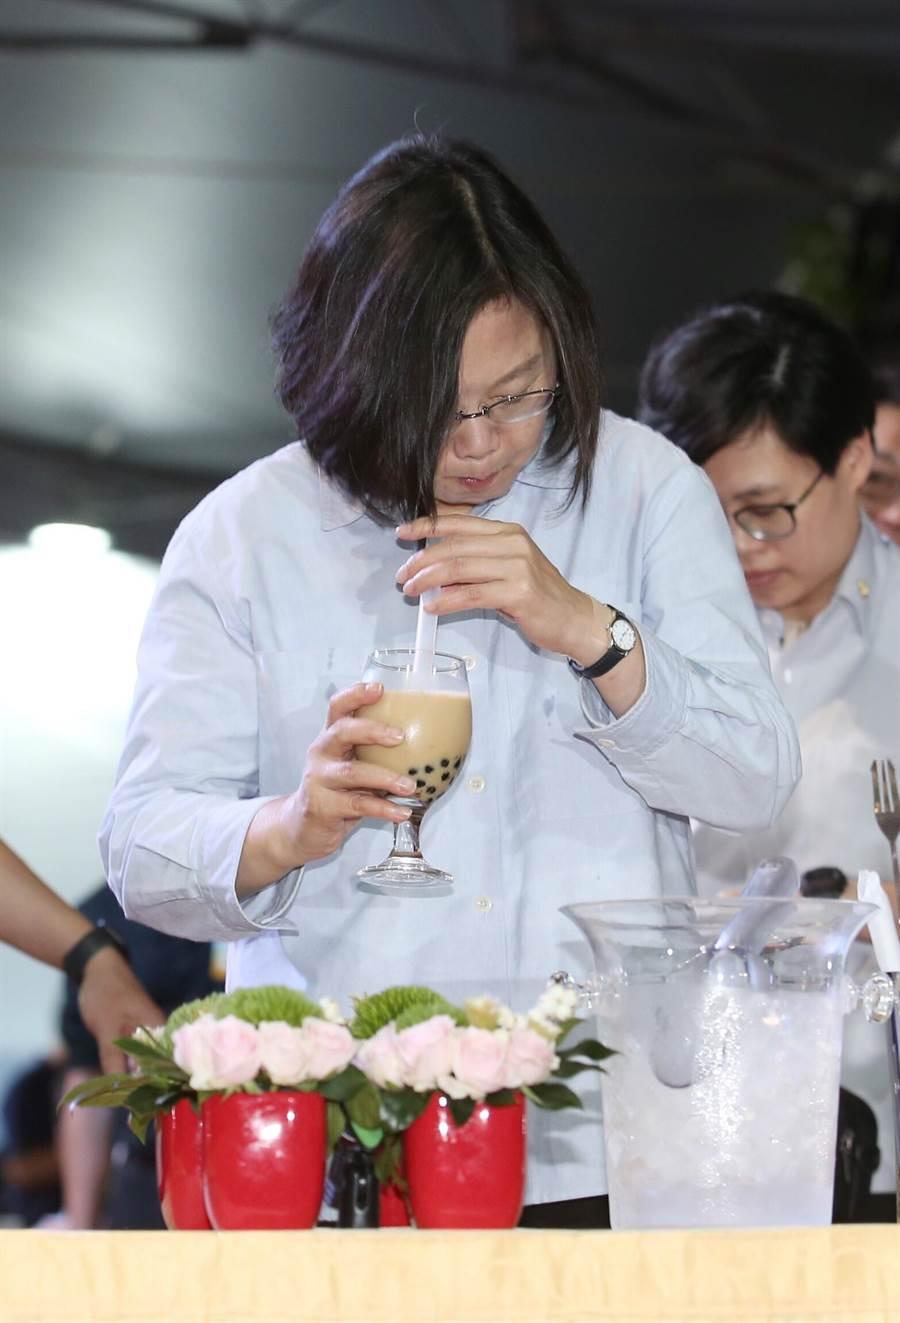 在今(7)日的中華文化總會藝文聯誼茶會上,蔡英文總統也首度學習如何用雪克杯「搖珍奶」,連續喝了好幾口。(姚志平攝)